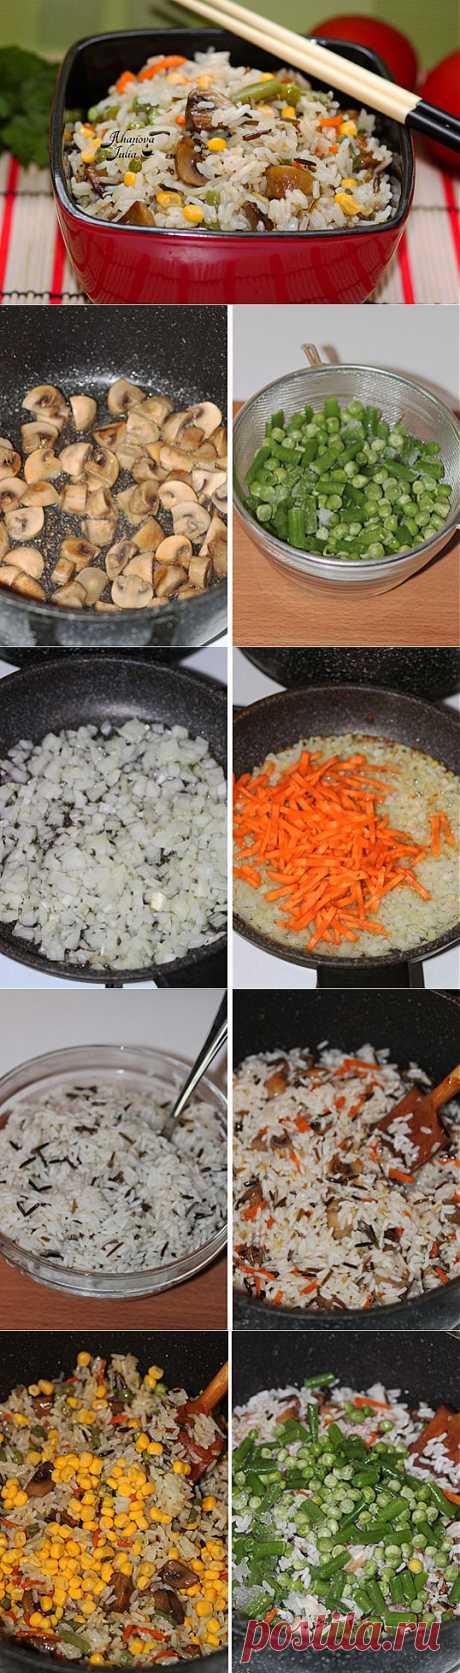 Постный рис с овощами и грибами — рецепт с пошаговыми фото. Foodclub.ru